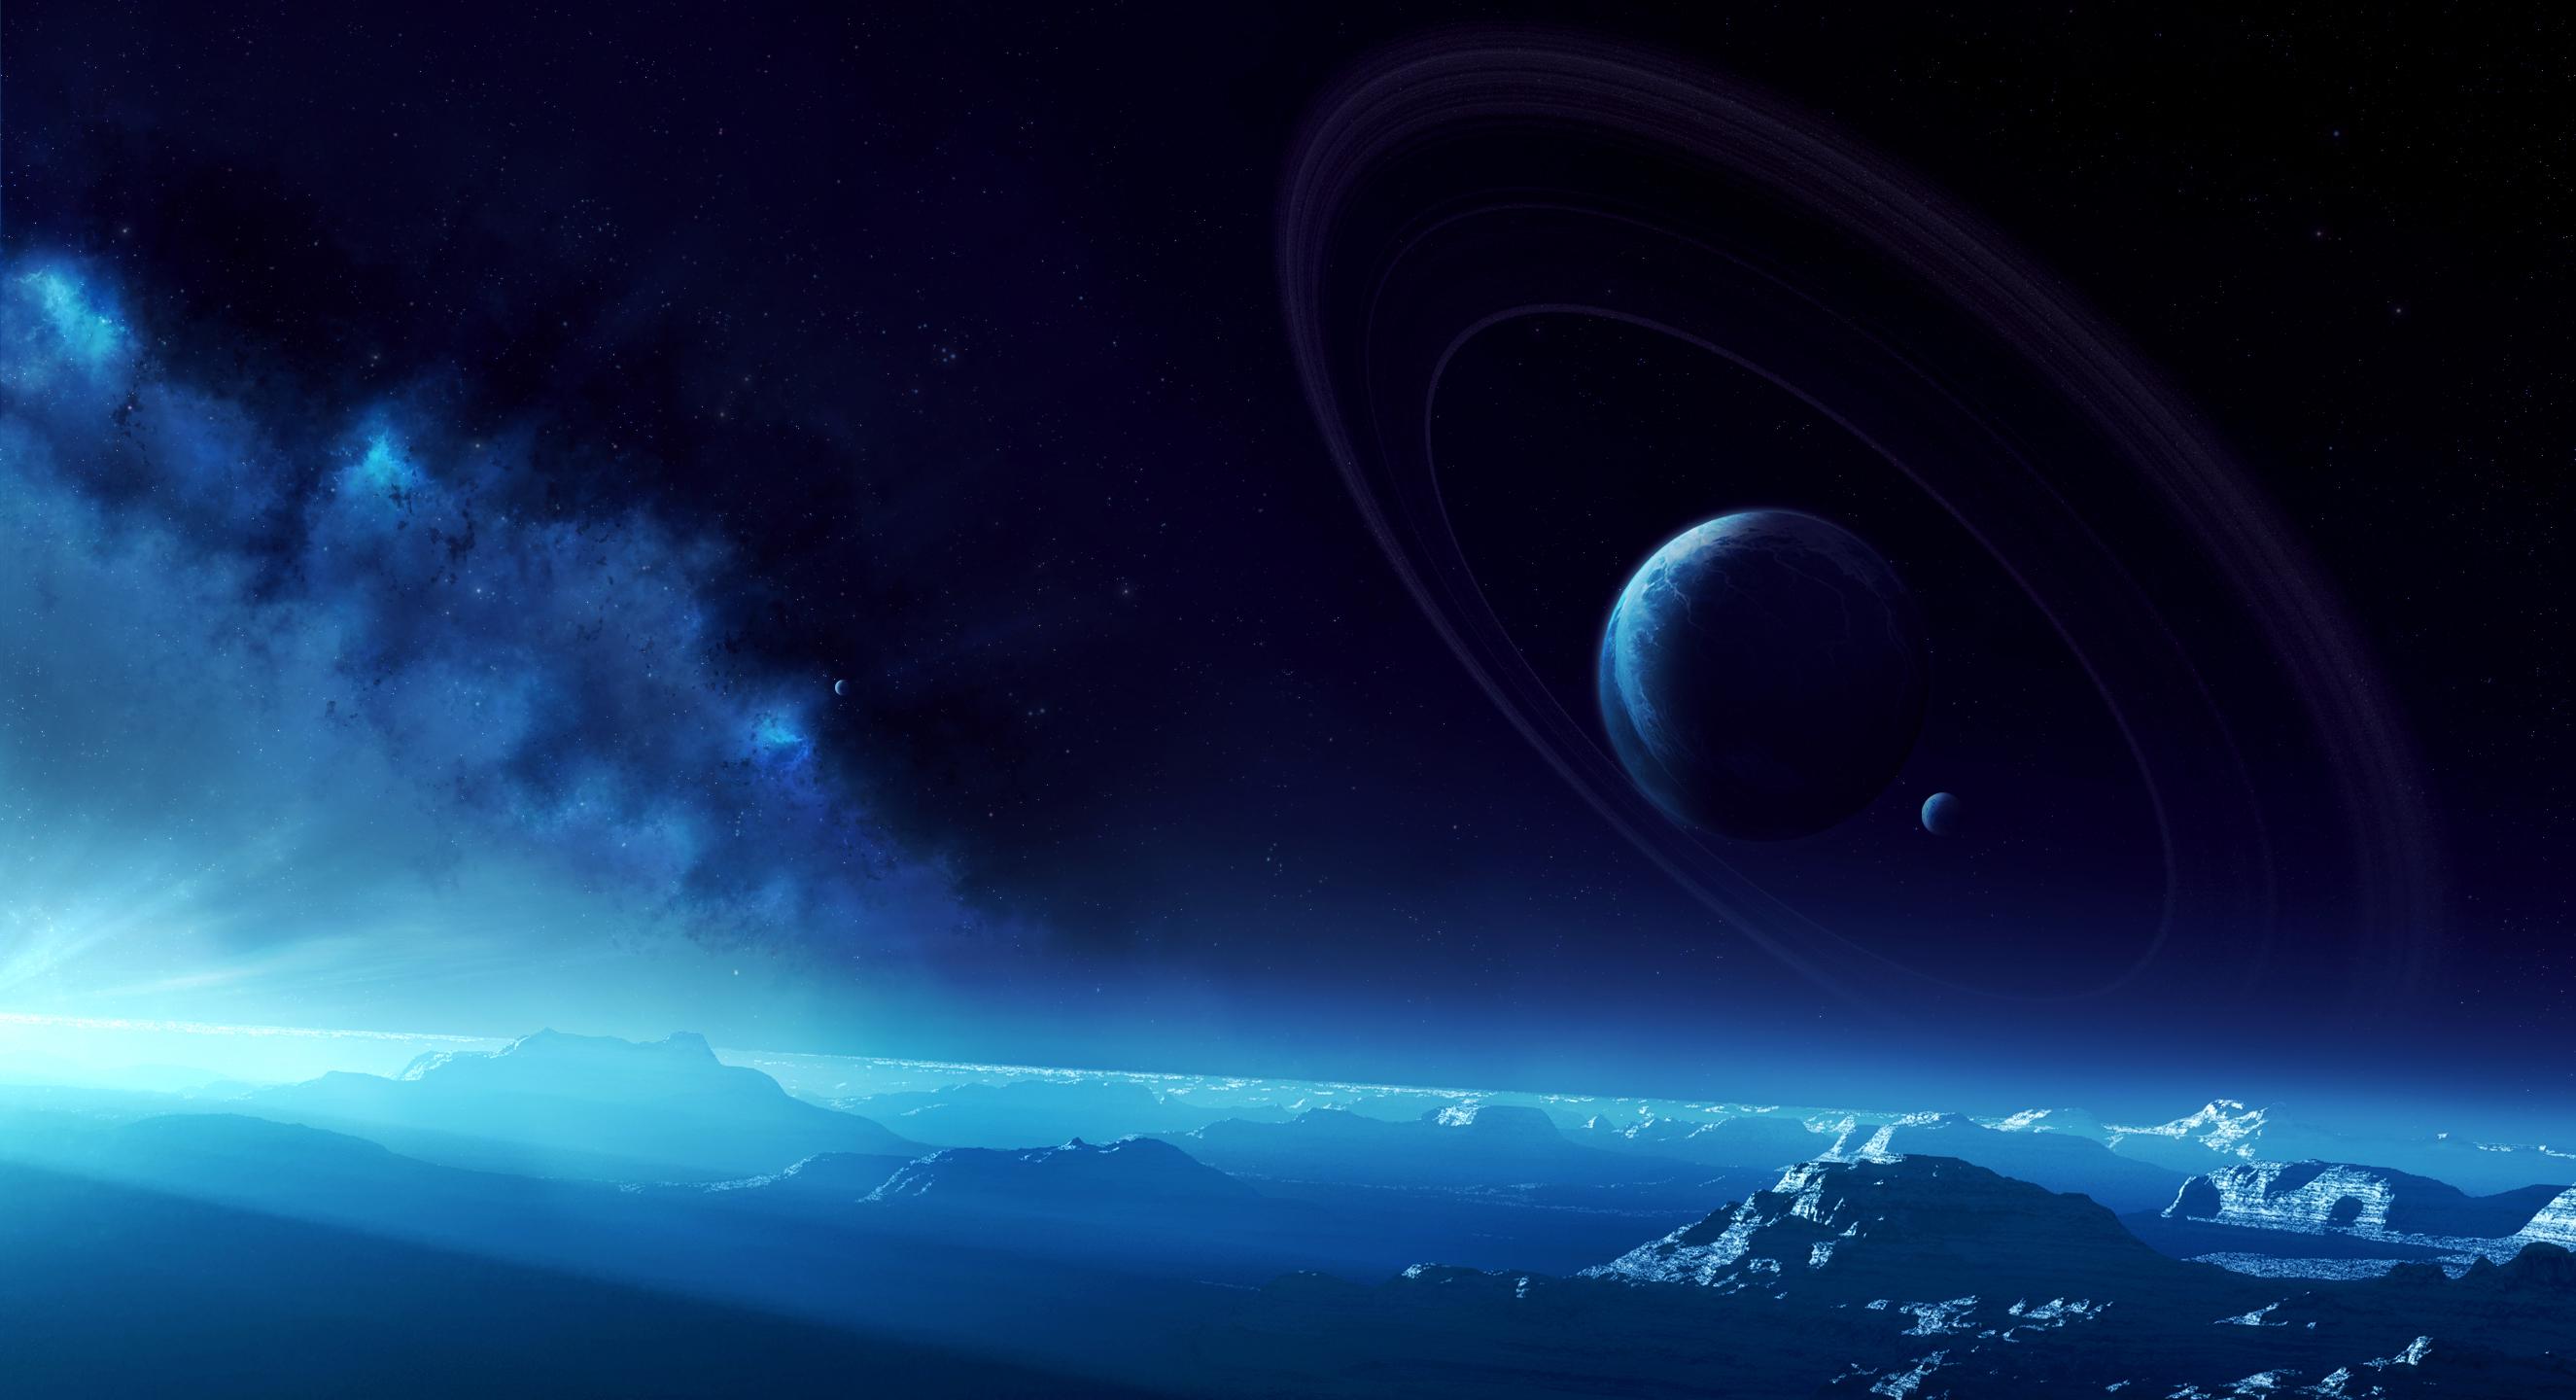 Обои Темная планета картинки на рабочий стол на тему Космос - скачать скачать